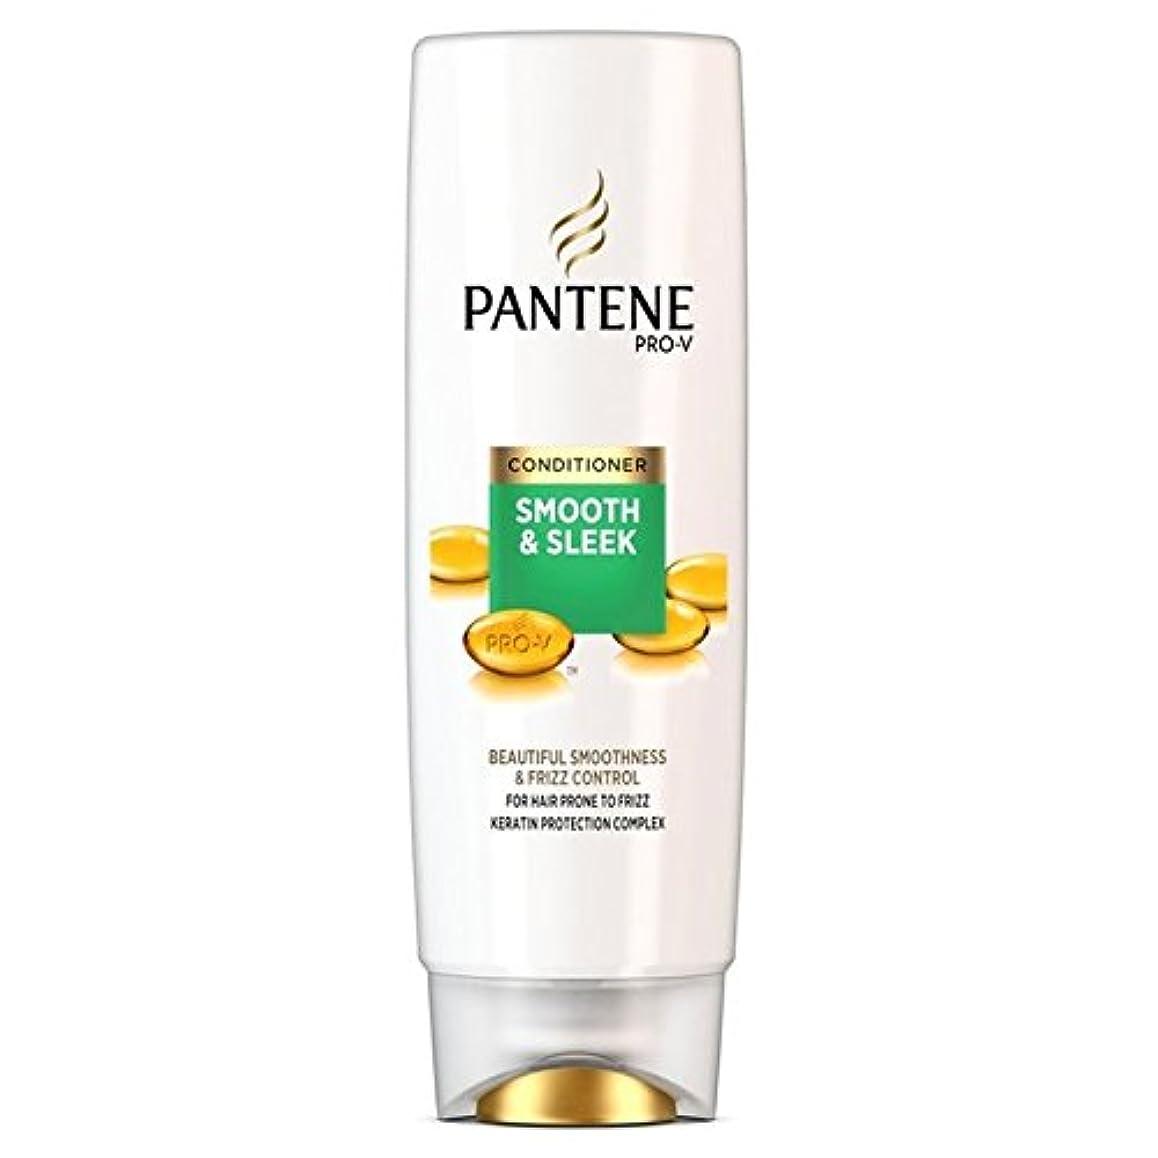 体系的に精神医学筋肉のPantene Conditioner Smooth & Sleek For Hair Prone to Frizz 250ml - パンテーンコンディショナースムーズ&縮れ250ミリリットルを受けやすい髪になめらかな...